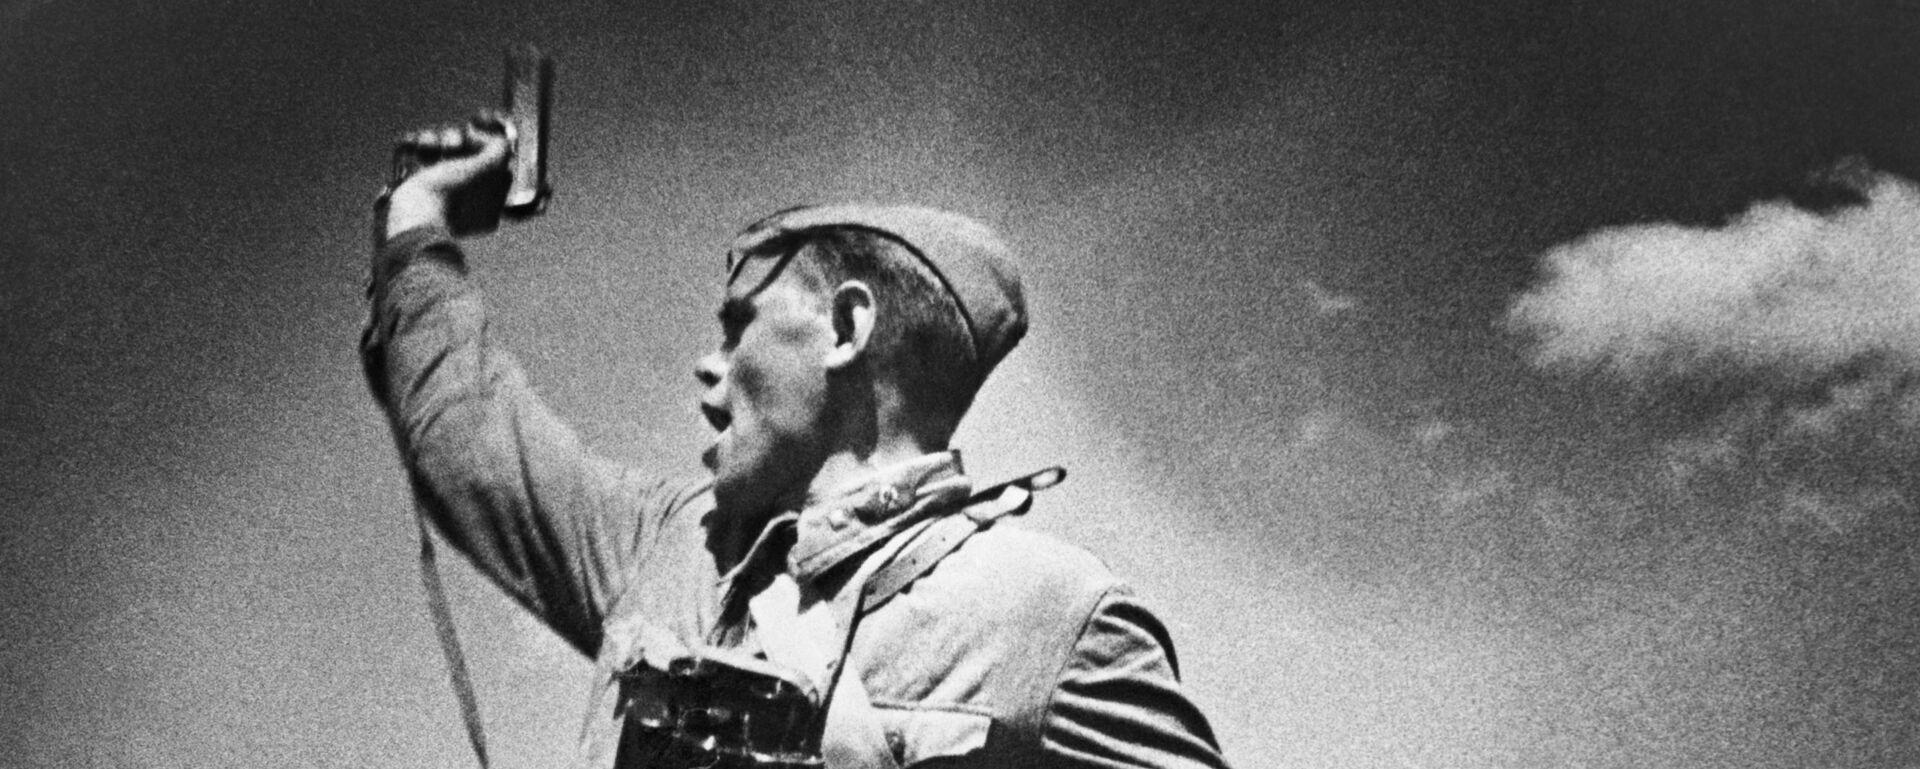 Фотография Комбат Макса Альперта, 1942 год - Sputnik Latvija, 1920, 08.05.2021